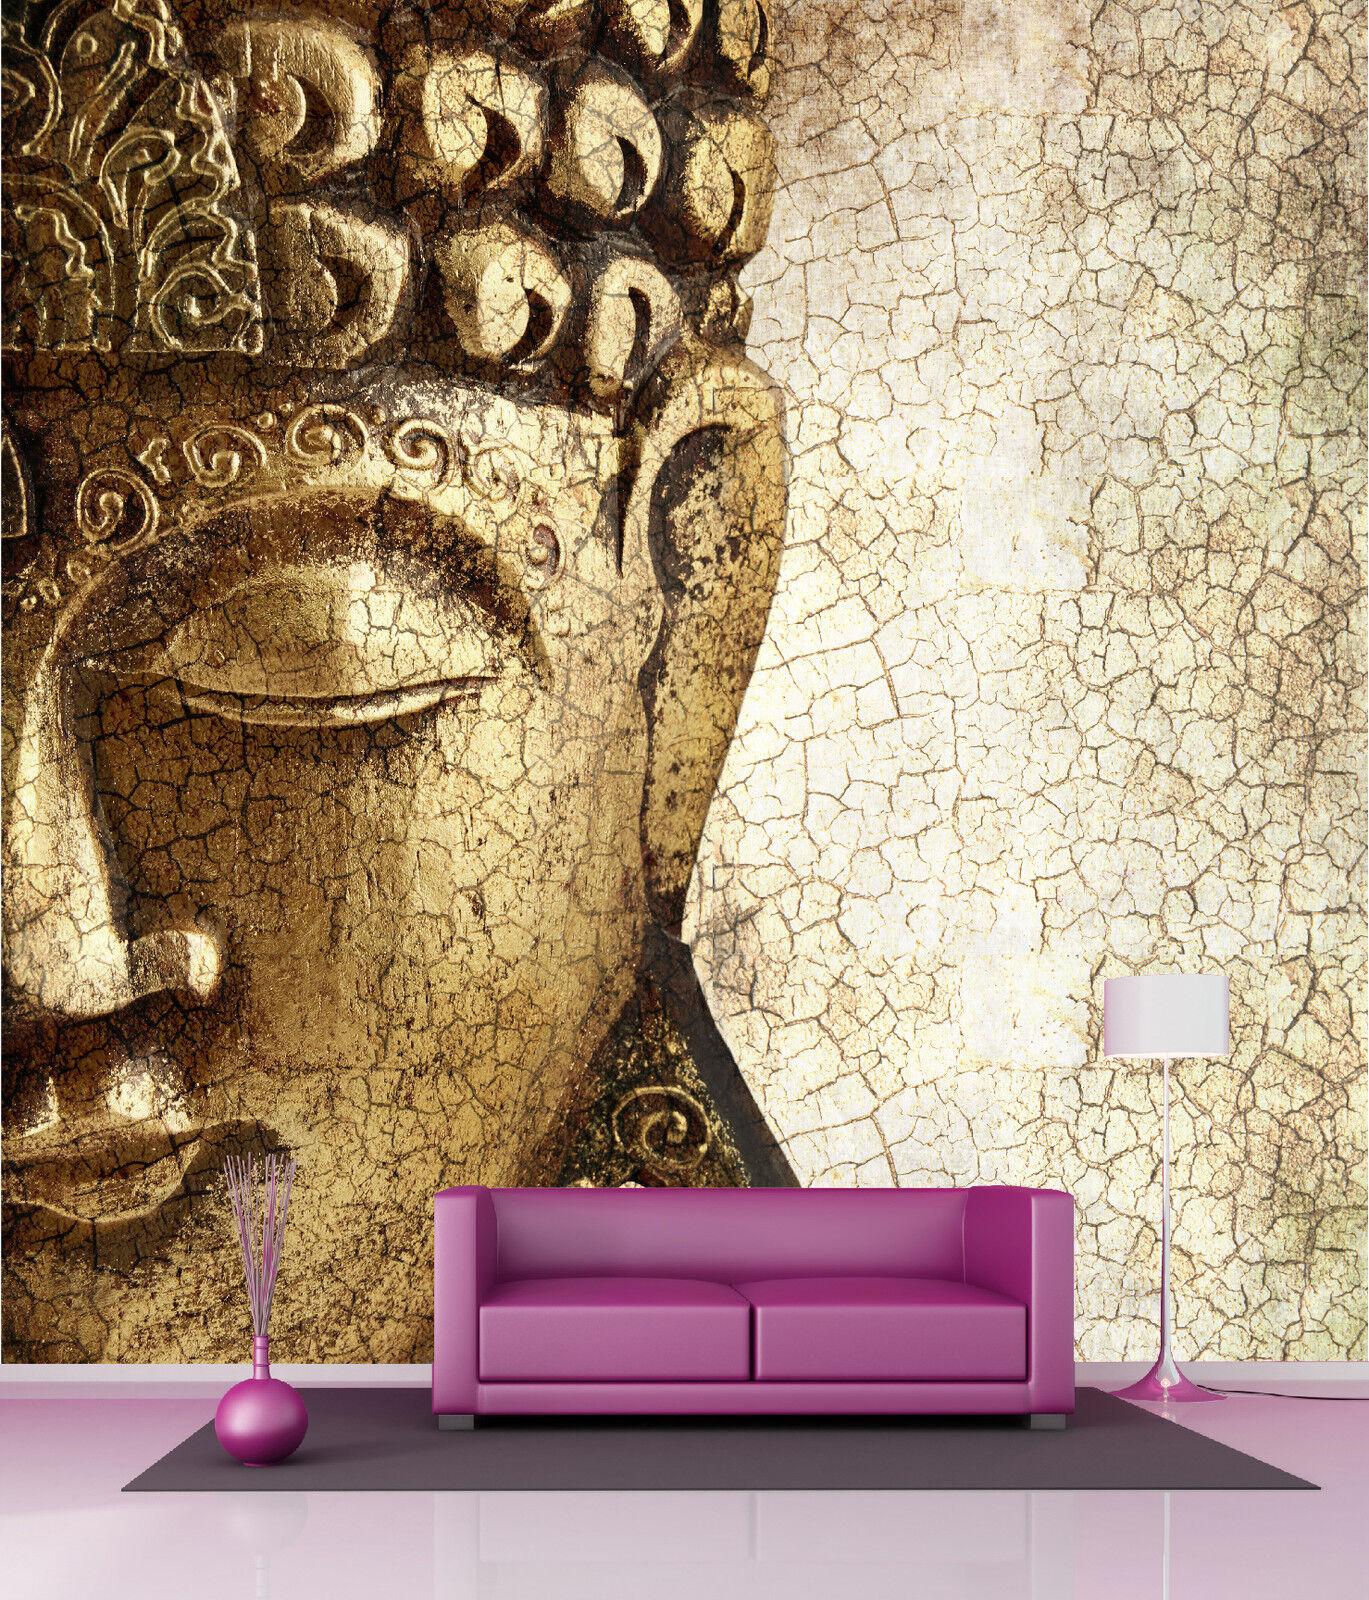 Papel Pintado Gigante Decoración Mural Buda Zen Ref 4531